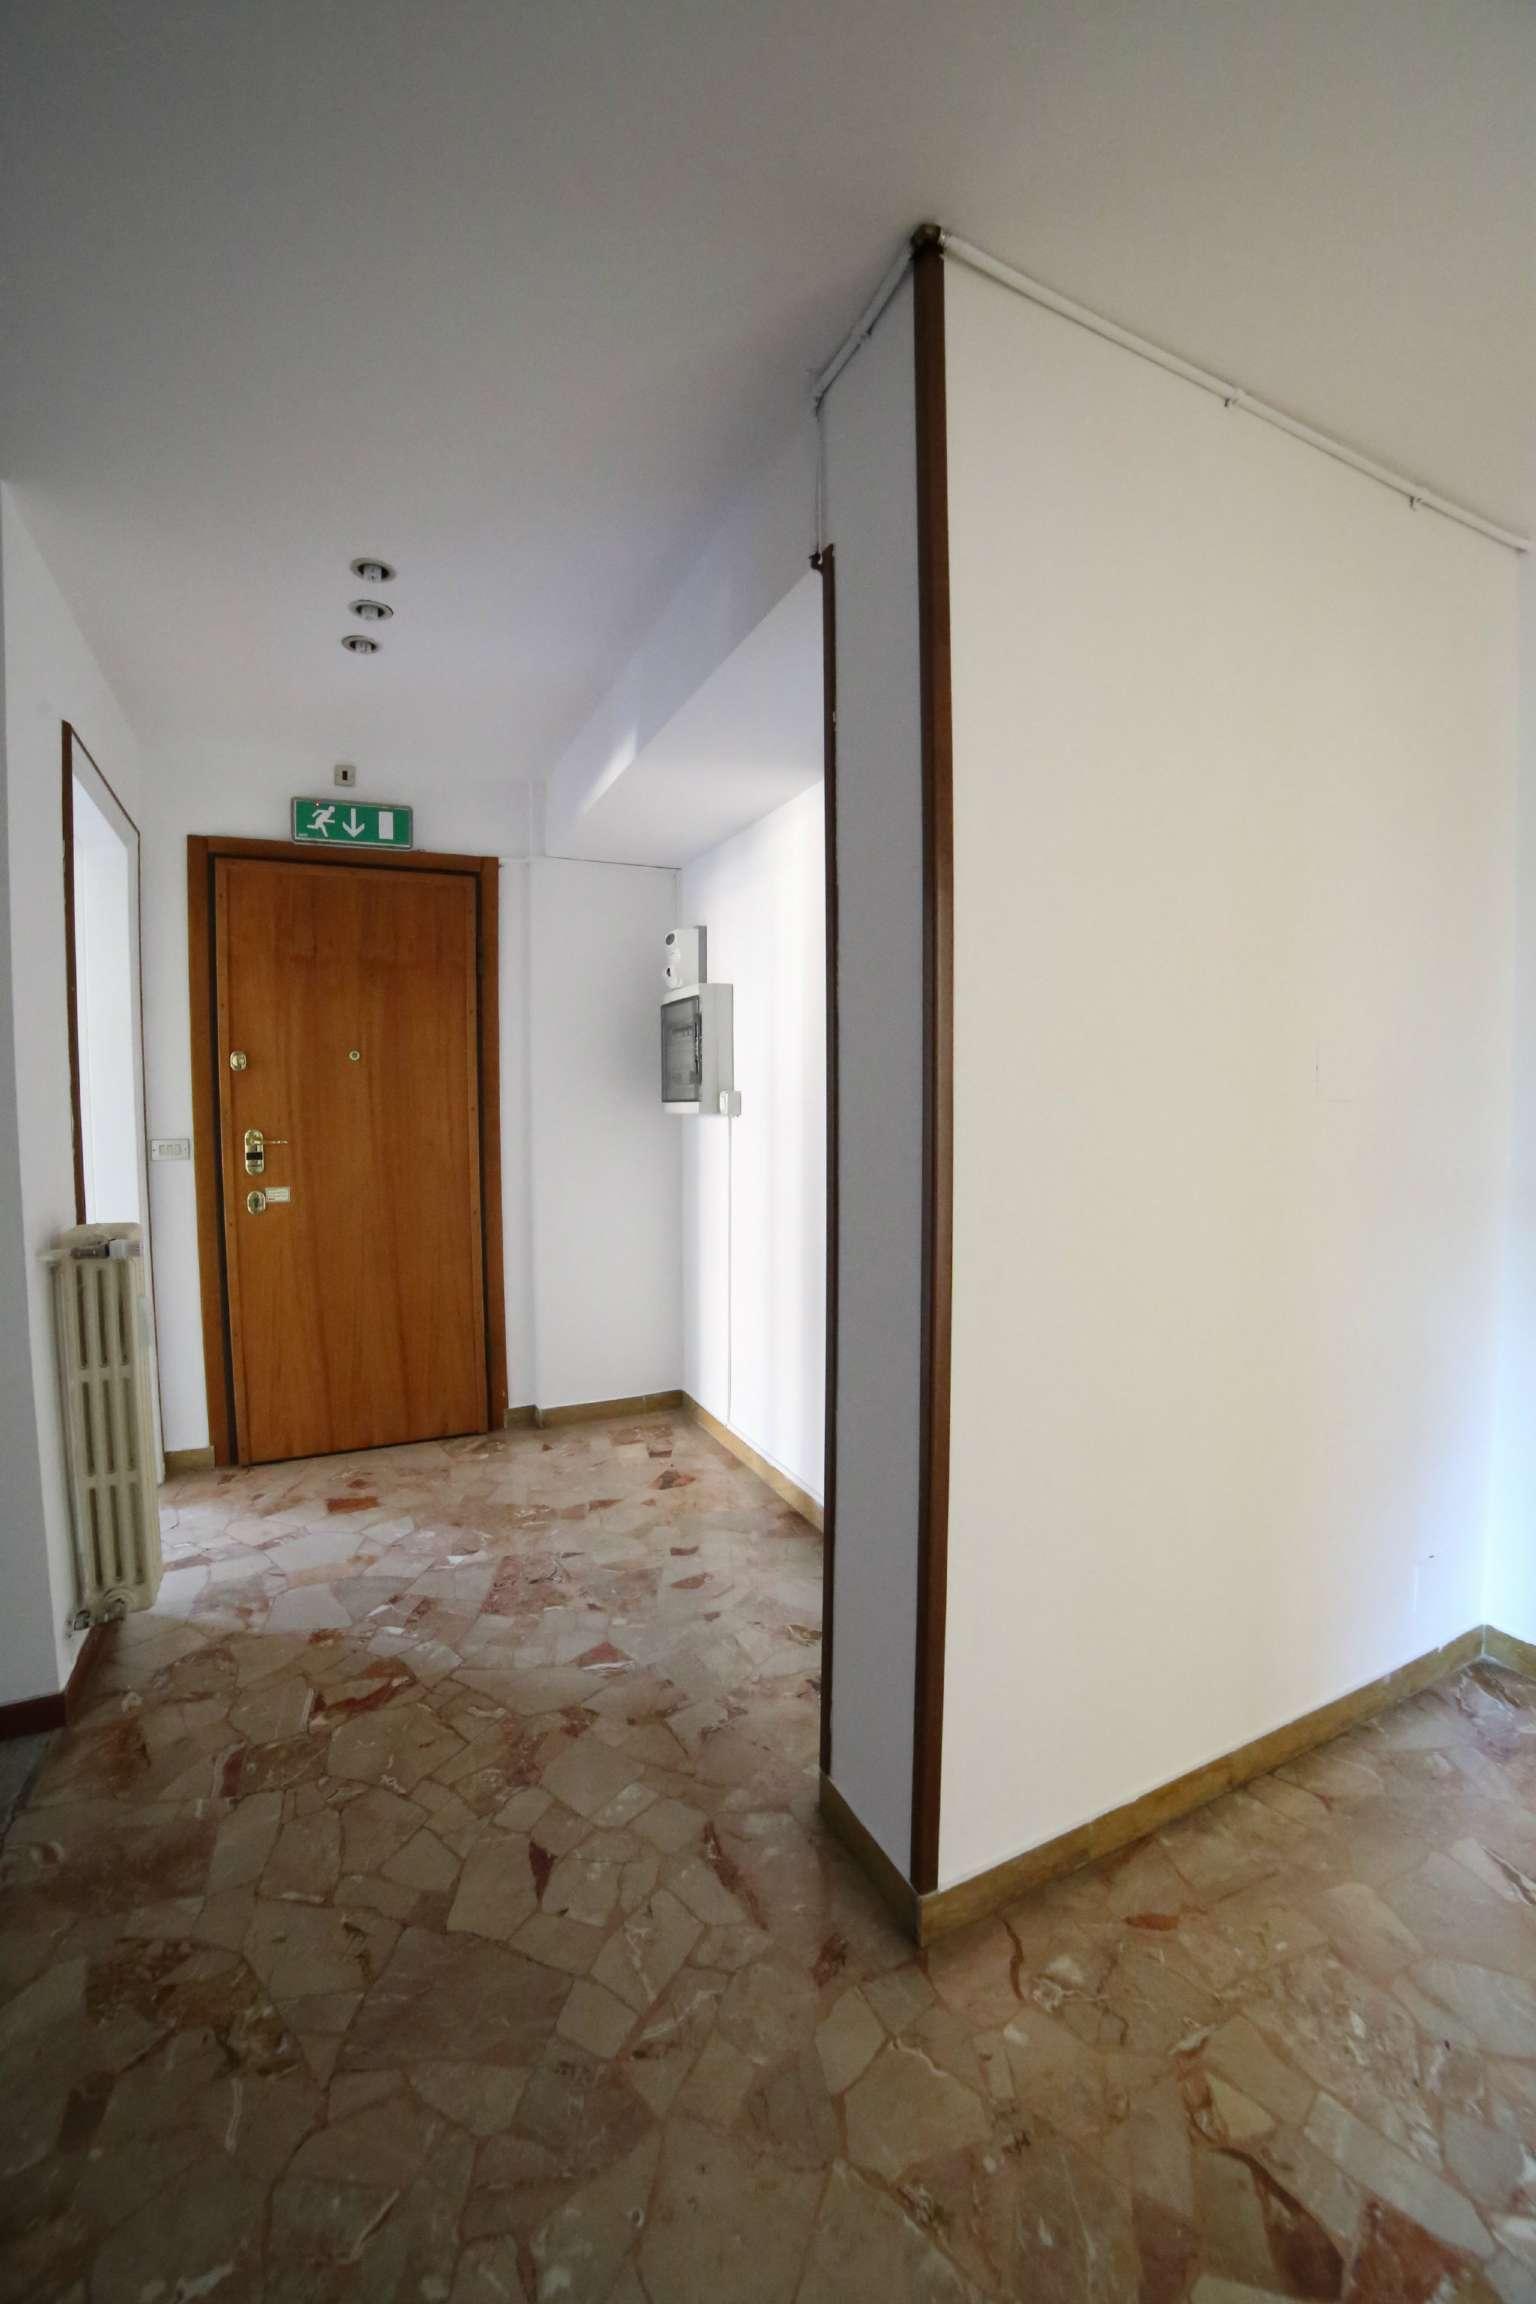 Ufficio / Studio in affitto a Varese, 4 locali, prezzo € 650 | CambioCasa.it